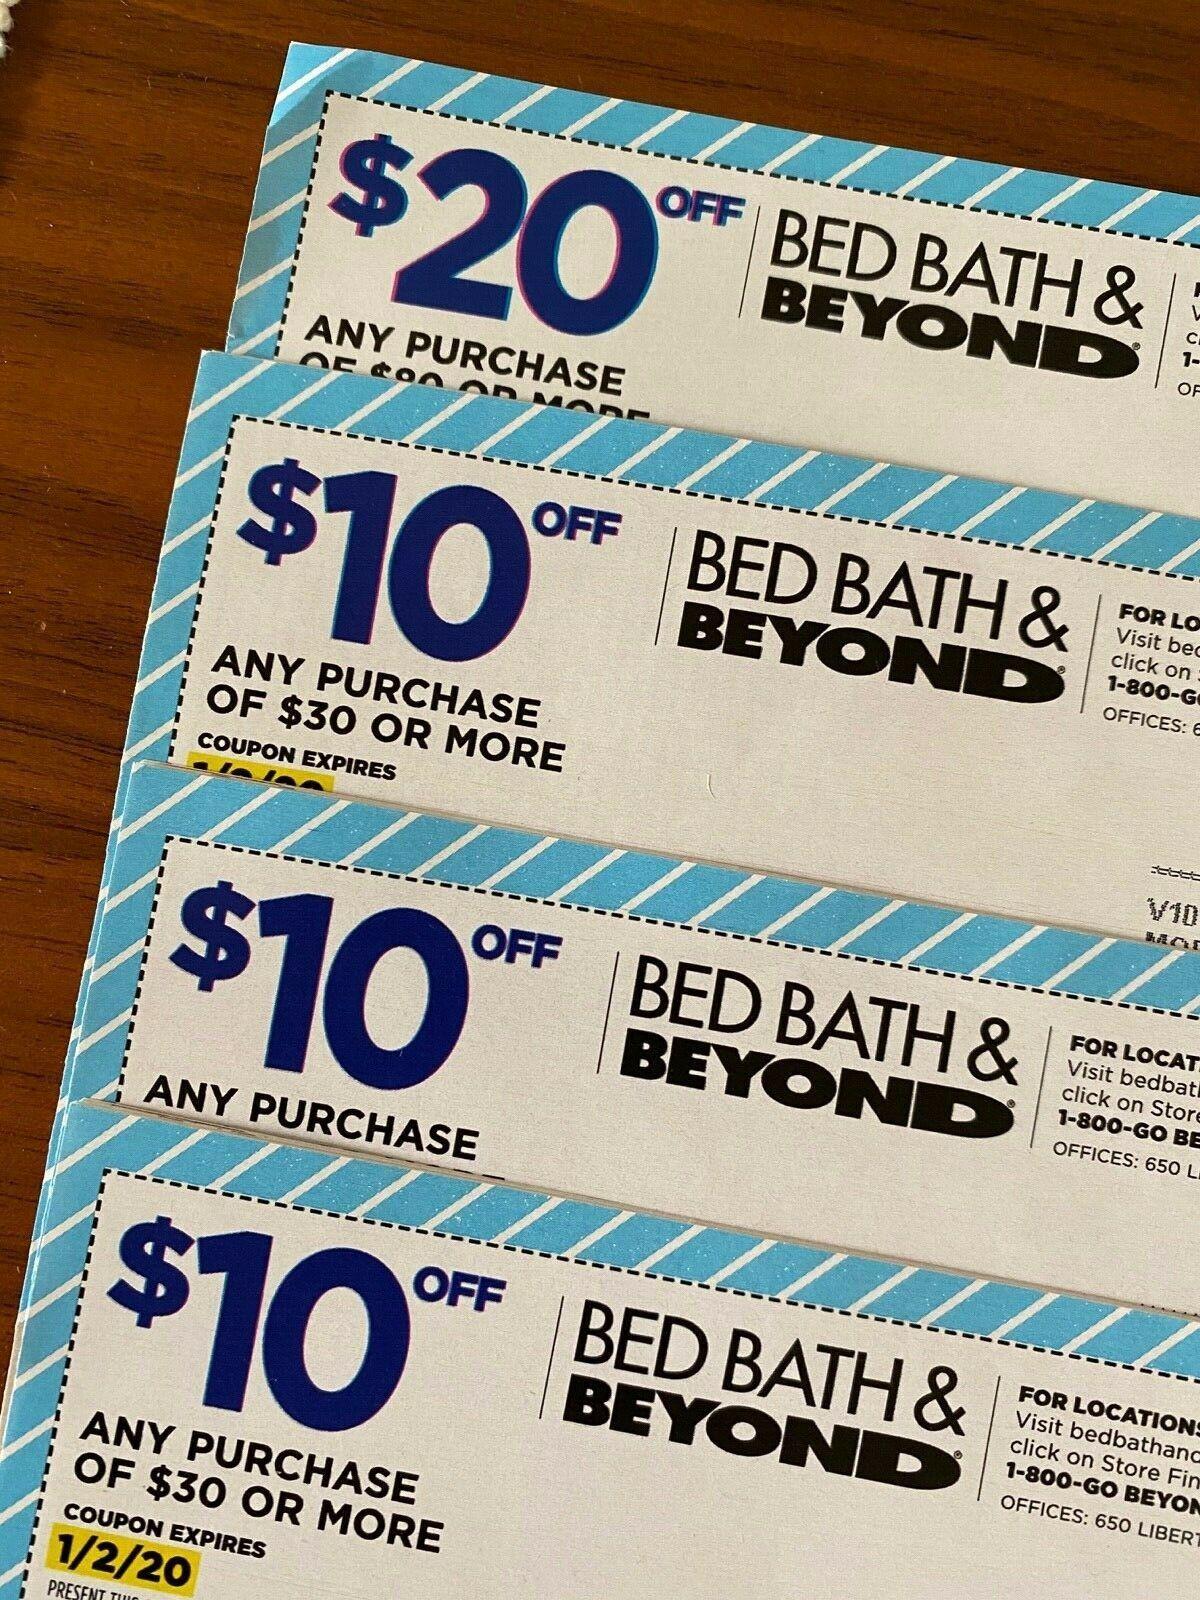 Bed Bath And Beyond Coupon Printable Printable Coupons Free